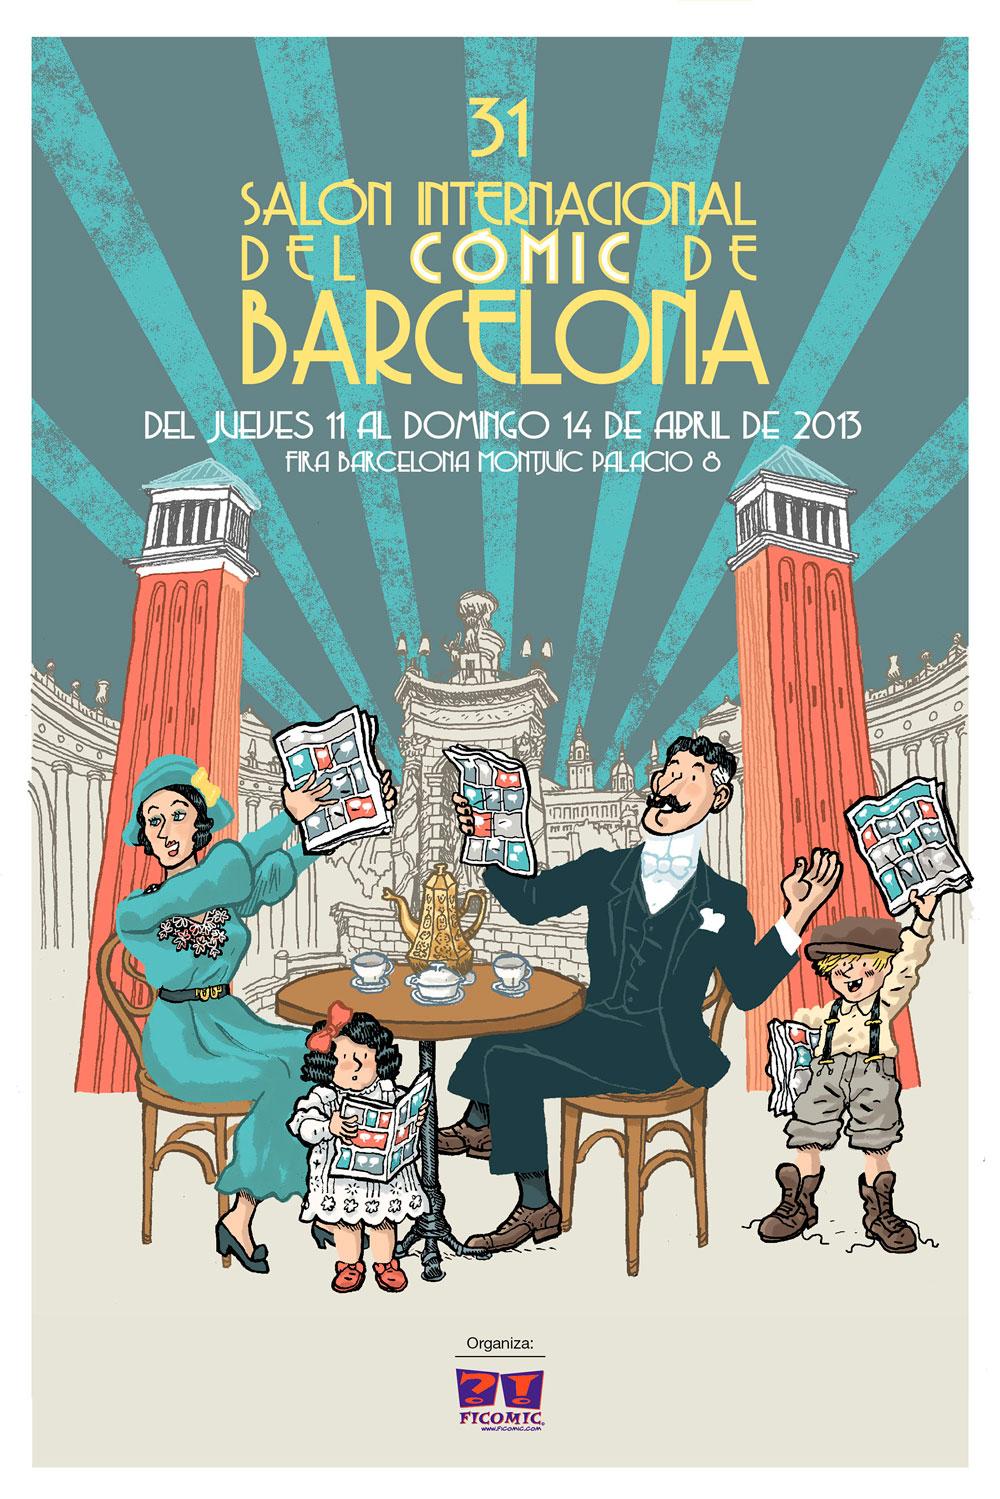 Salón del cómic de Barcelona 2013